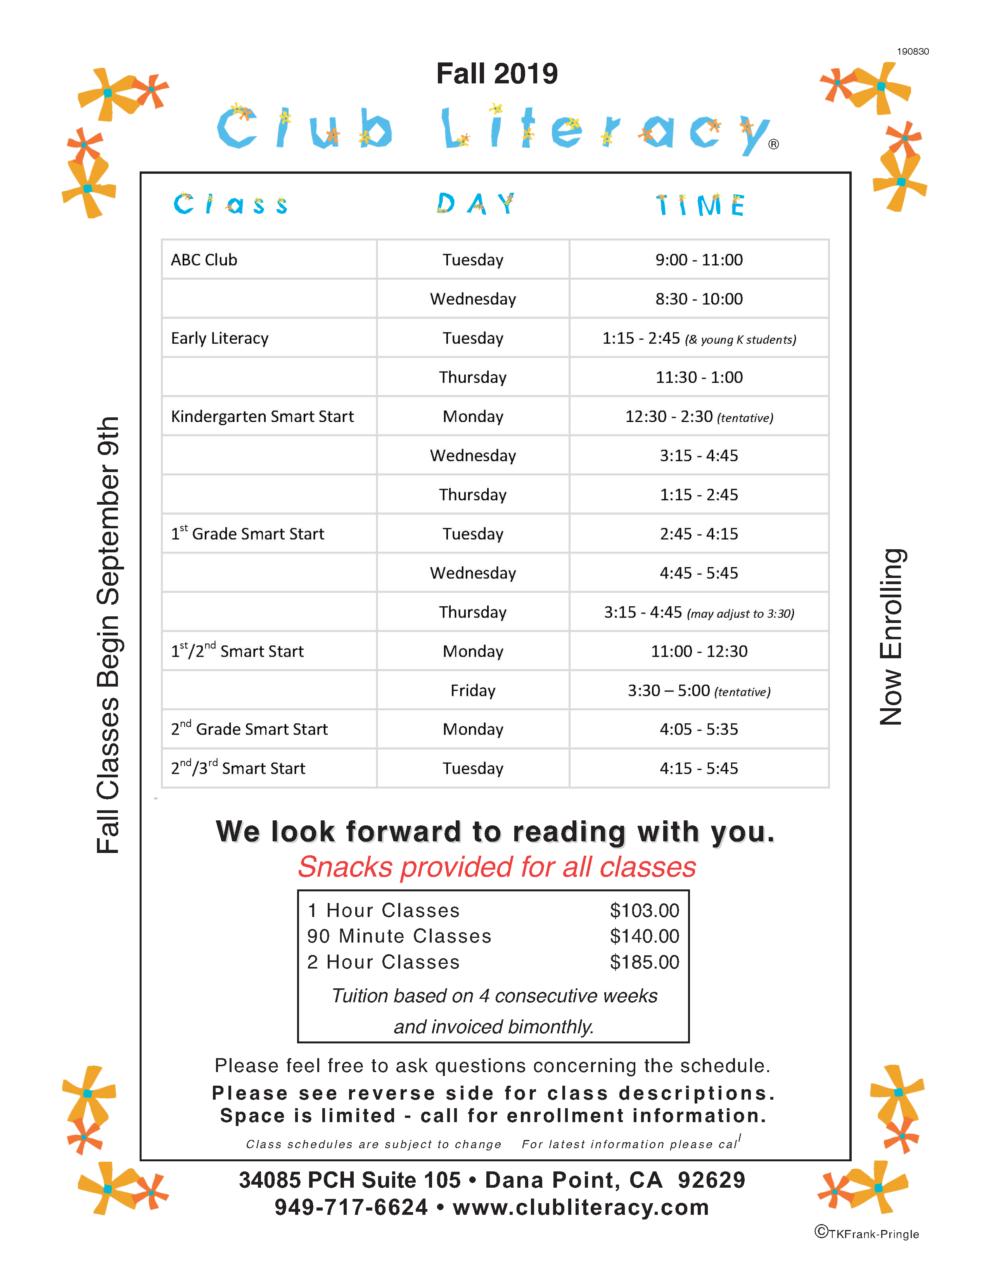 Club Literacy Fall Schedule 2019